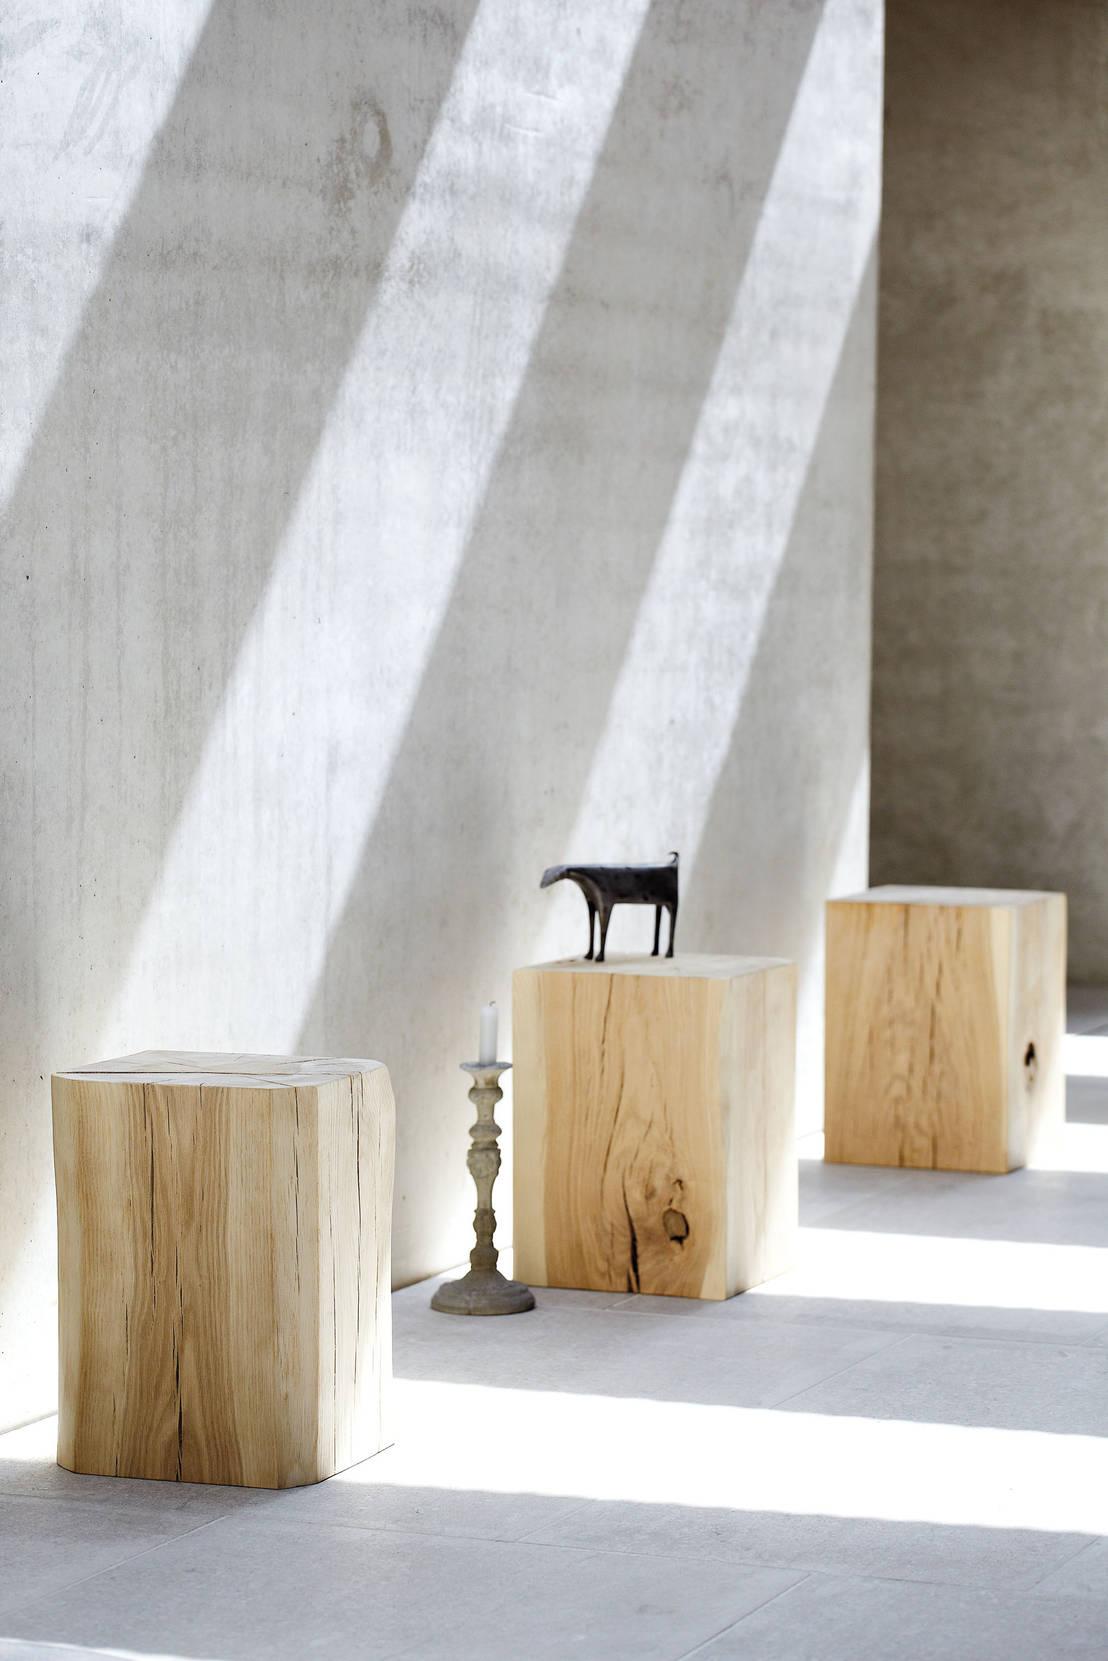 wohntrend ethno natur idylle in den eigenen vier w nden. Black Bedroom Furniture Sets. Home Design Ideas